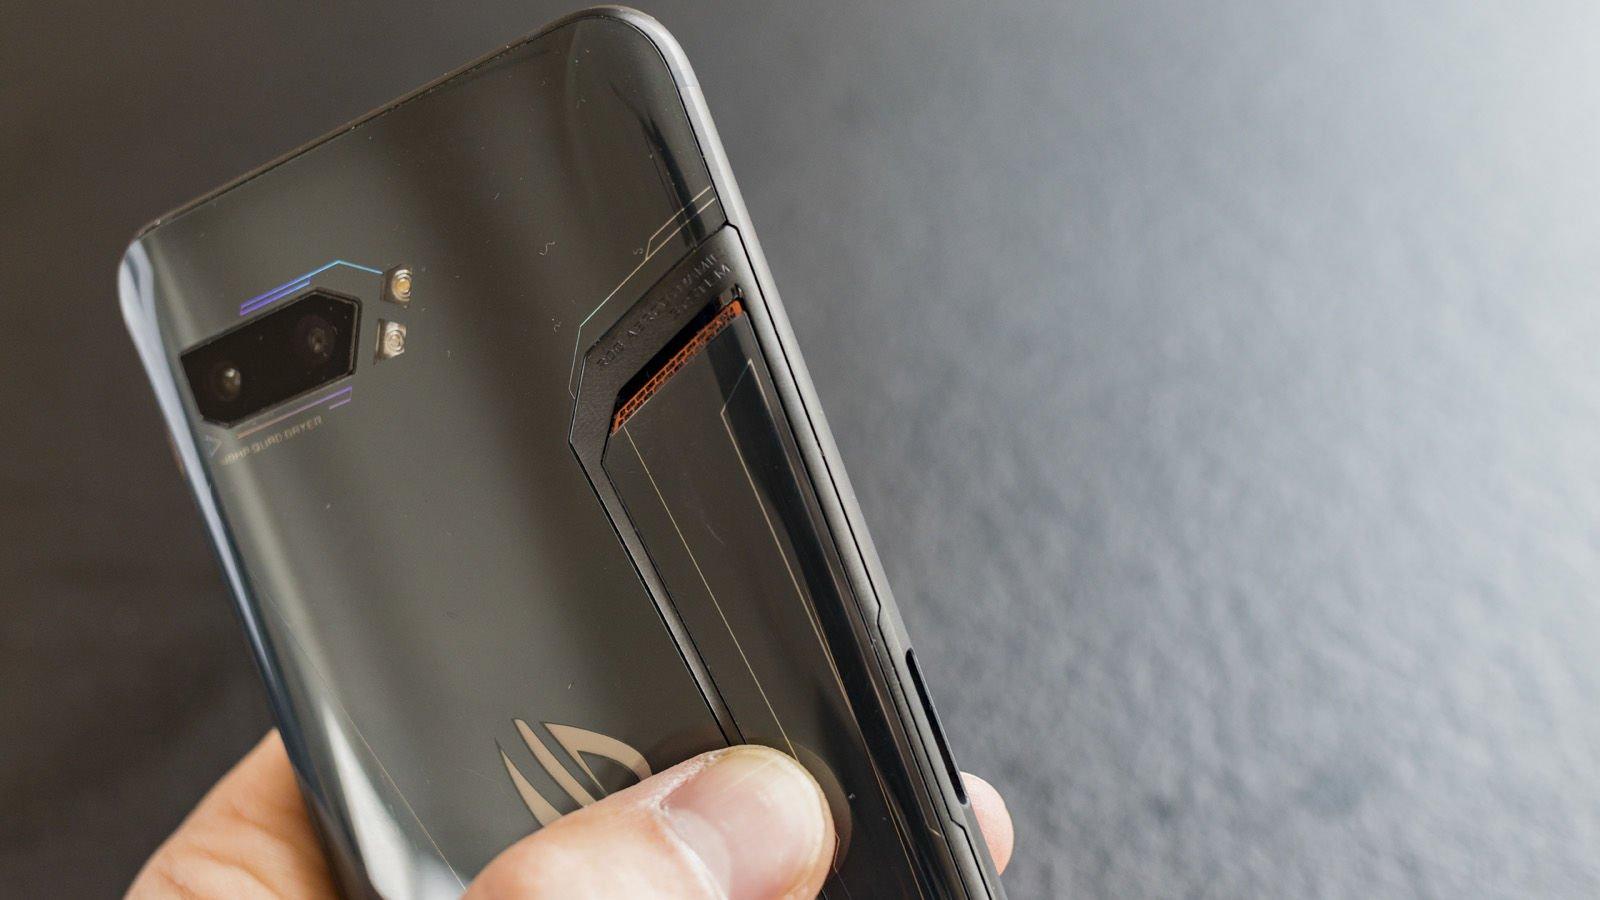 Điện thoại Asus ROG 3 ngày phát hành, giá cả, tính năng và thông tin cụ thể 1